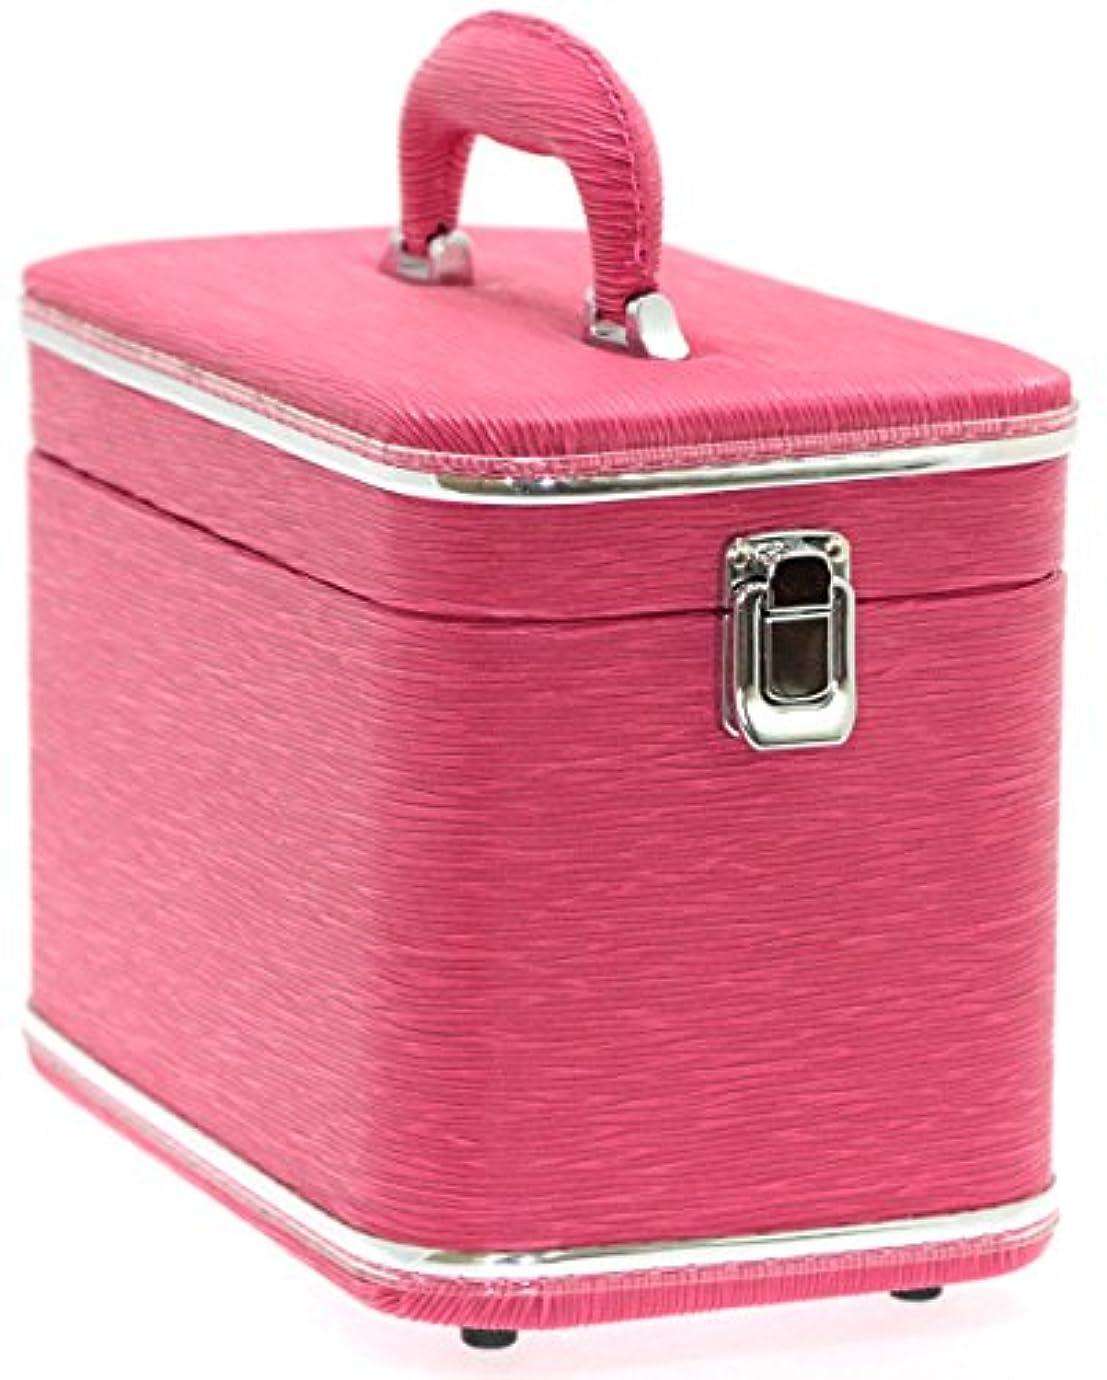 効率フリースわかりやすいエピ調水絞縦型トレンチケース ピンク 鍵無 6489-15